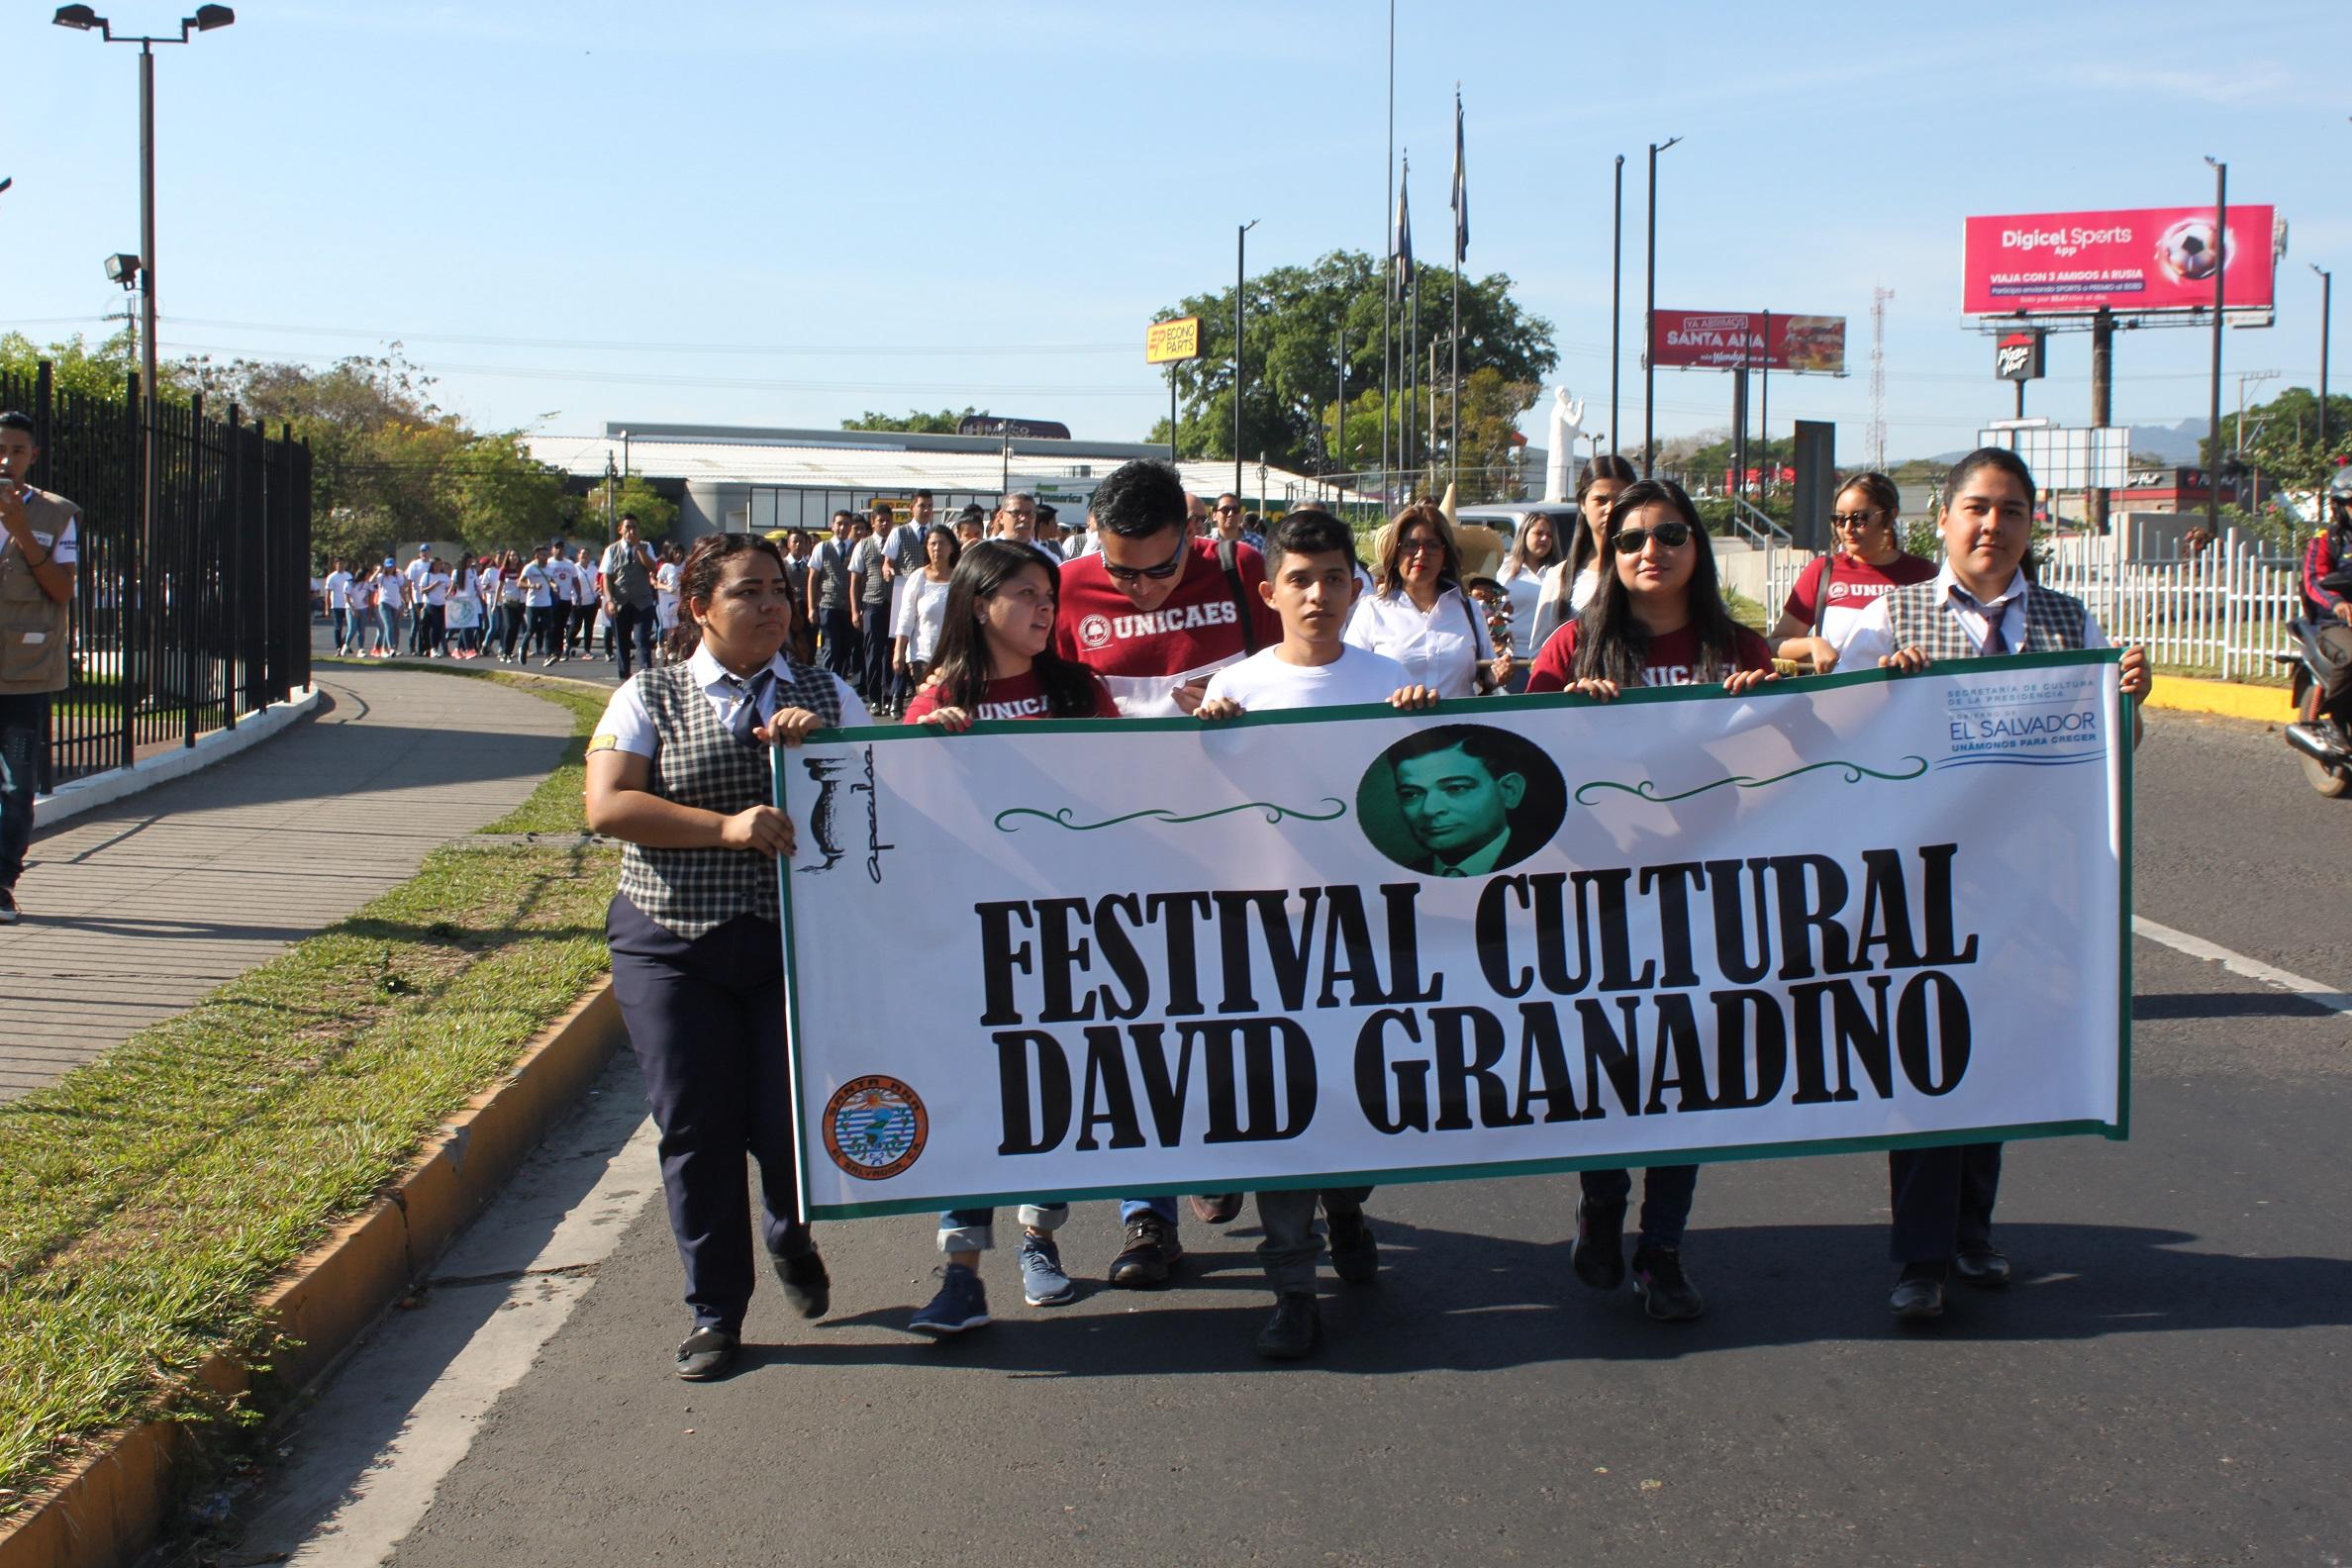 47 actividades se han programado durante el Festival David Granadino en Santa Ana